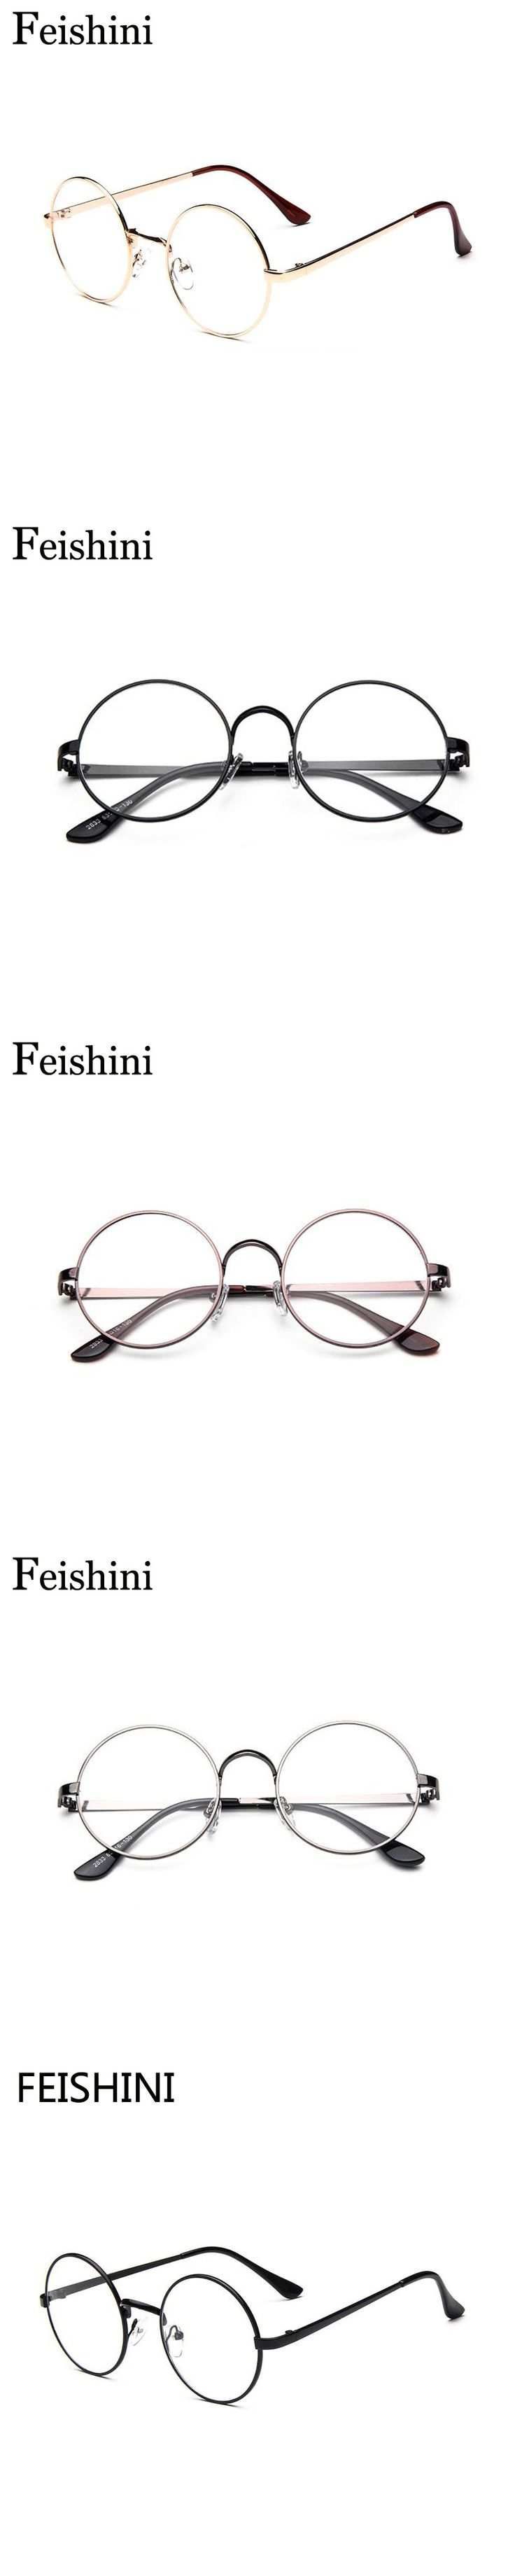 FEISHINI Classic euramerican alloy Round Eyeglasses Frames For Women Vintage Star style HD visual Round Eye Glasses Frames Men